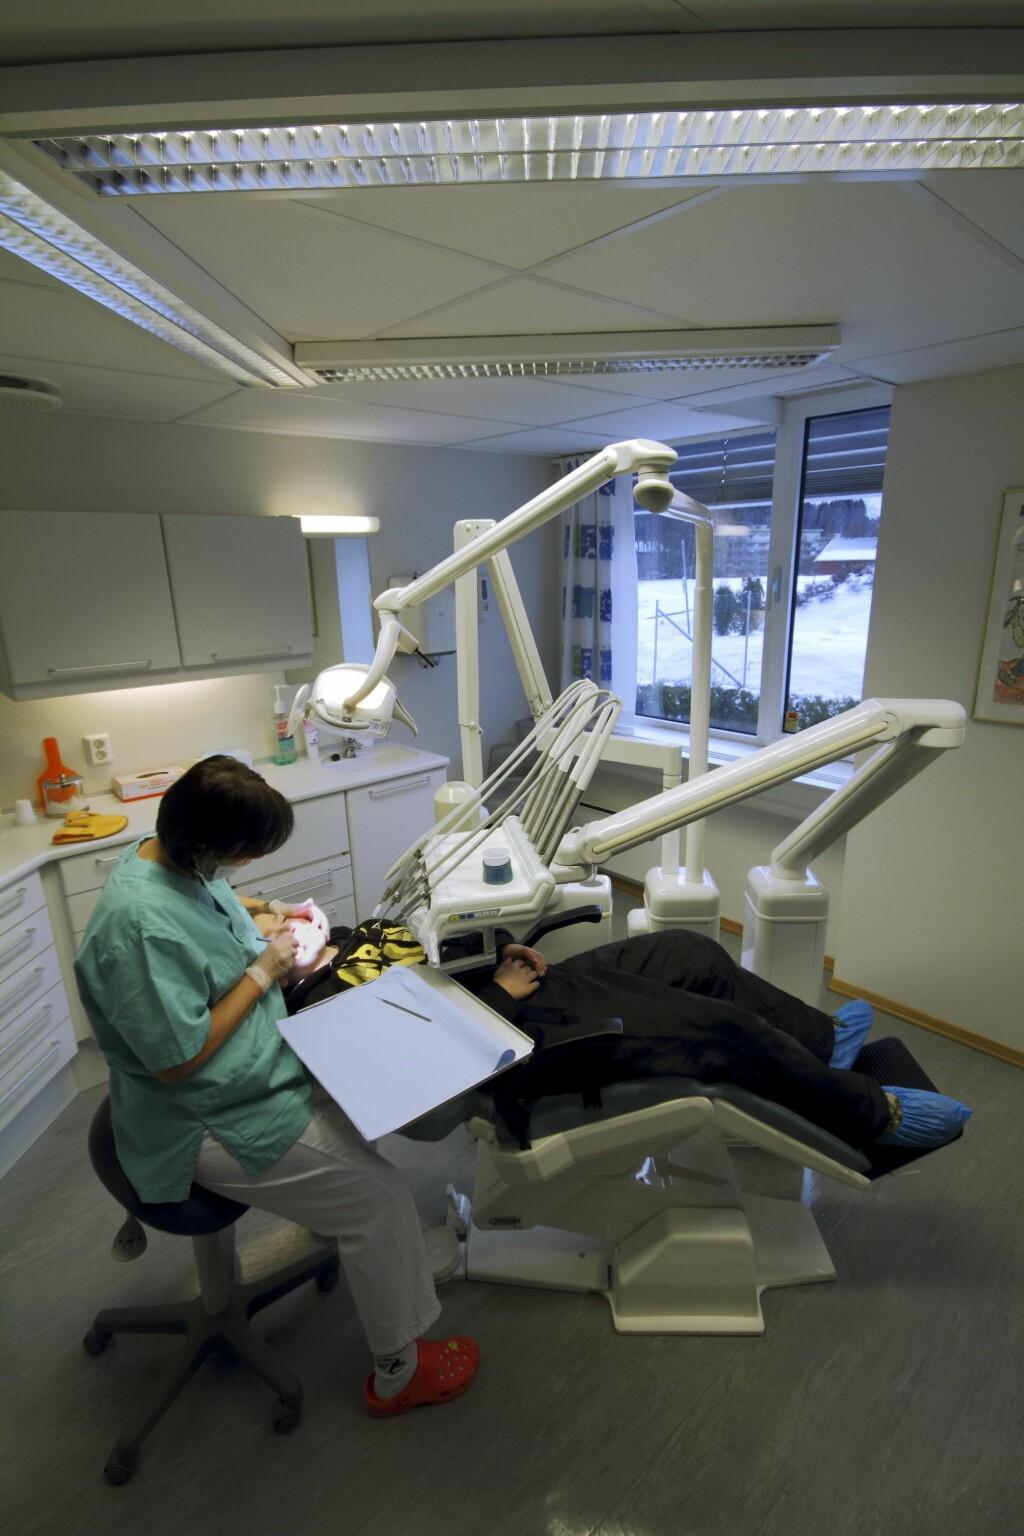 KONTROLL: Hvor lang tid det kan gå mellom hver undersøkelse/kontroll hos tannlegen er individuelt. Foto: NTB/Scanpix, Samfoto Samfoto Espen Bratlie